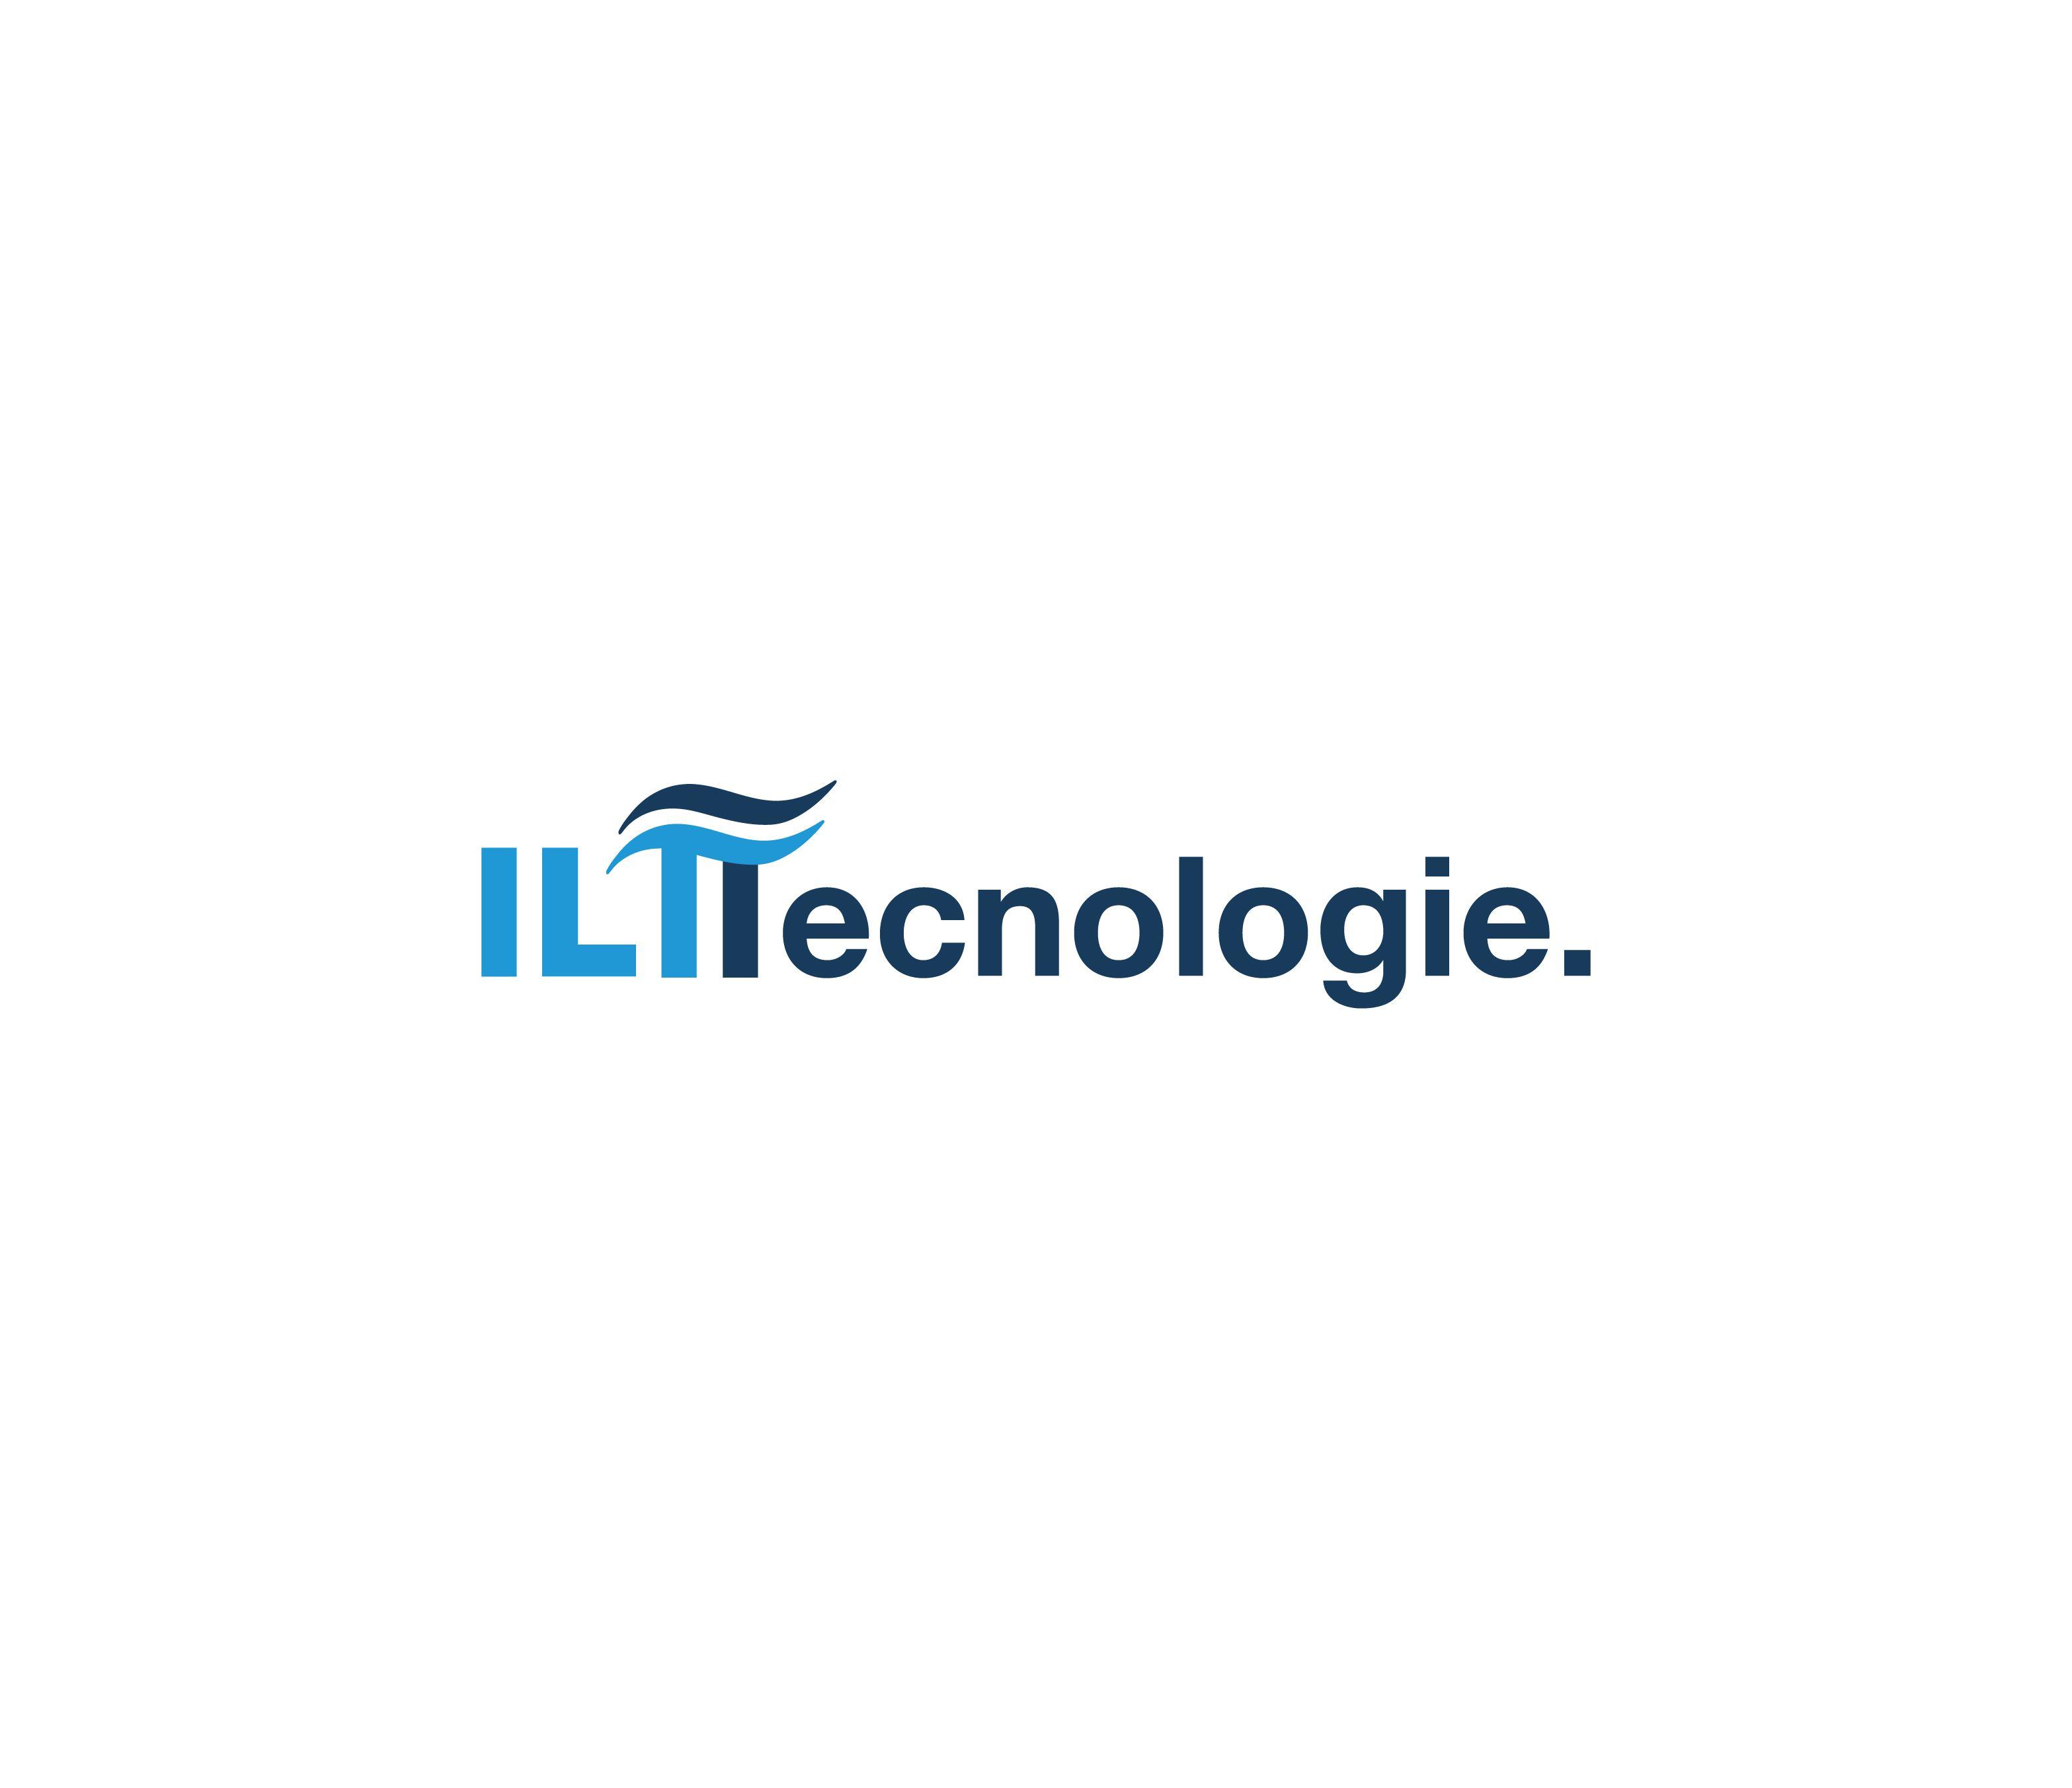 ILT Tecnologie srl